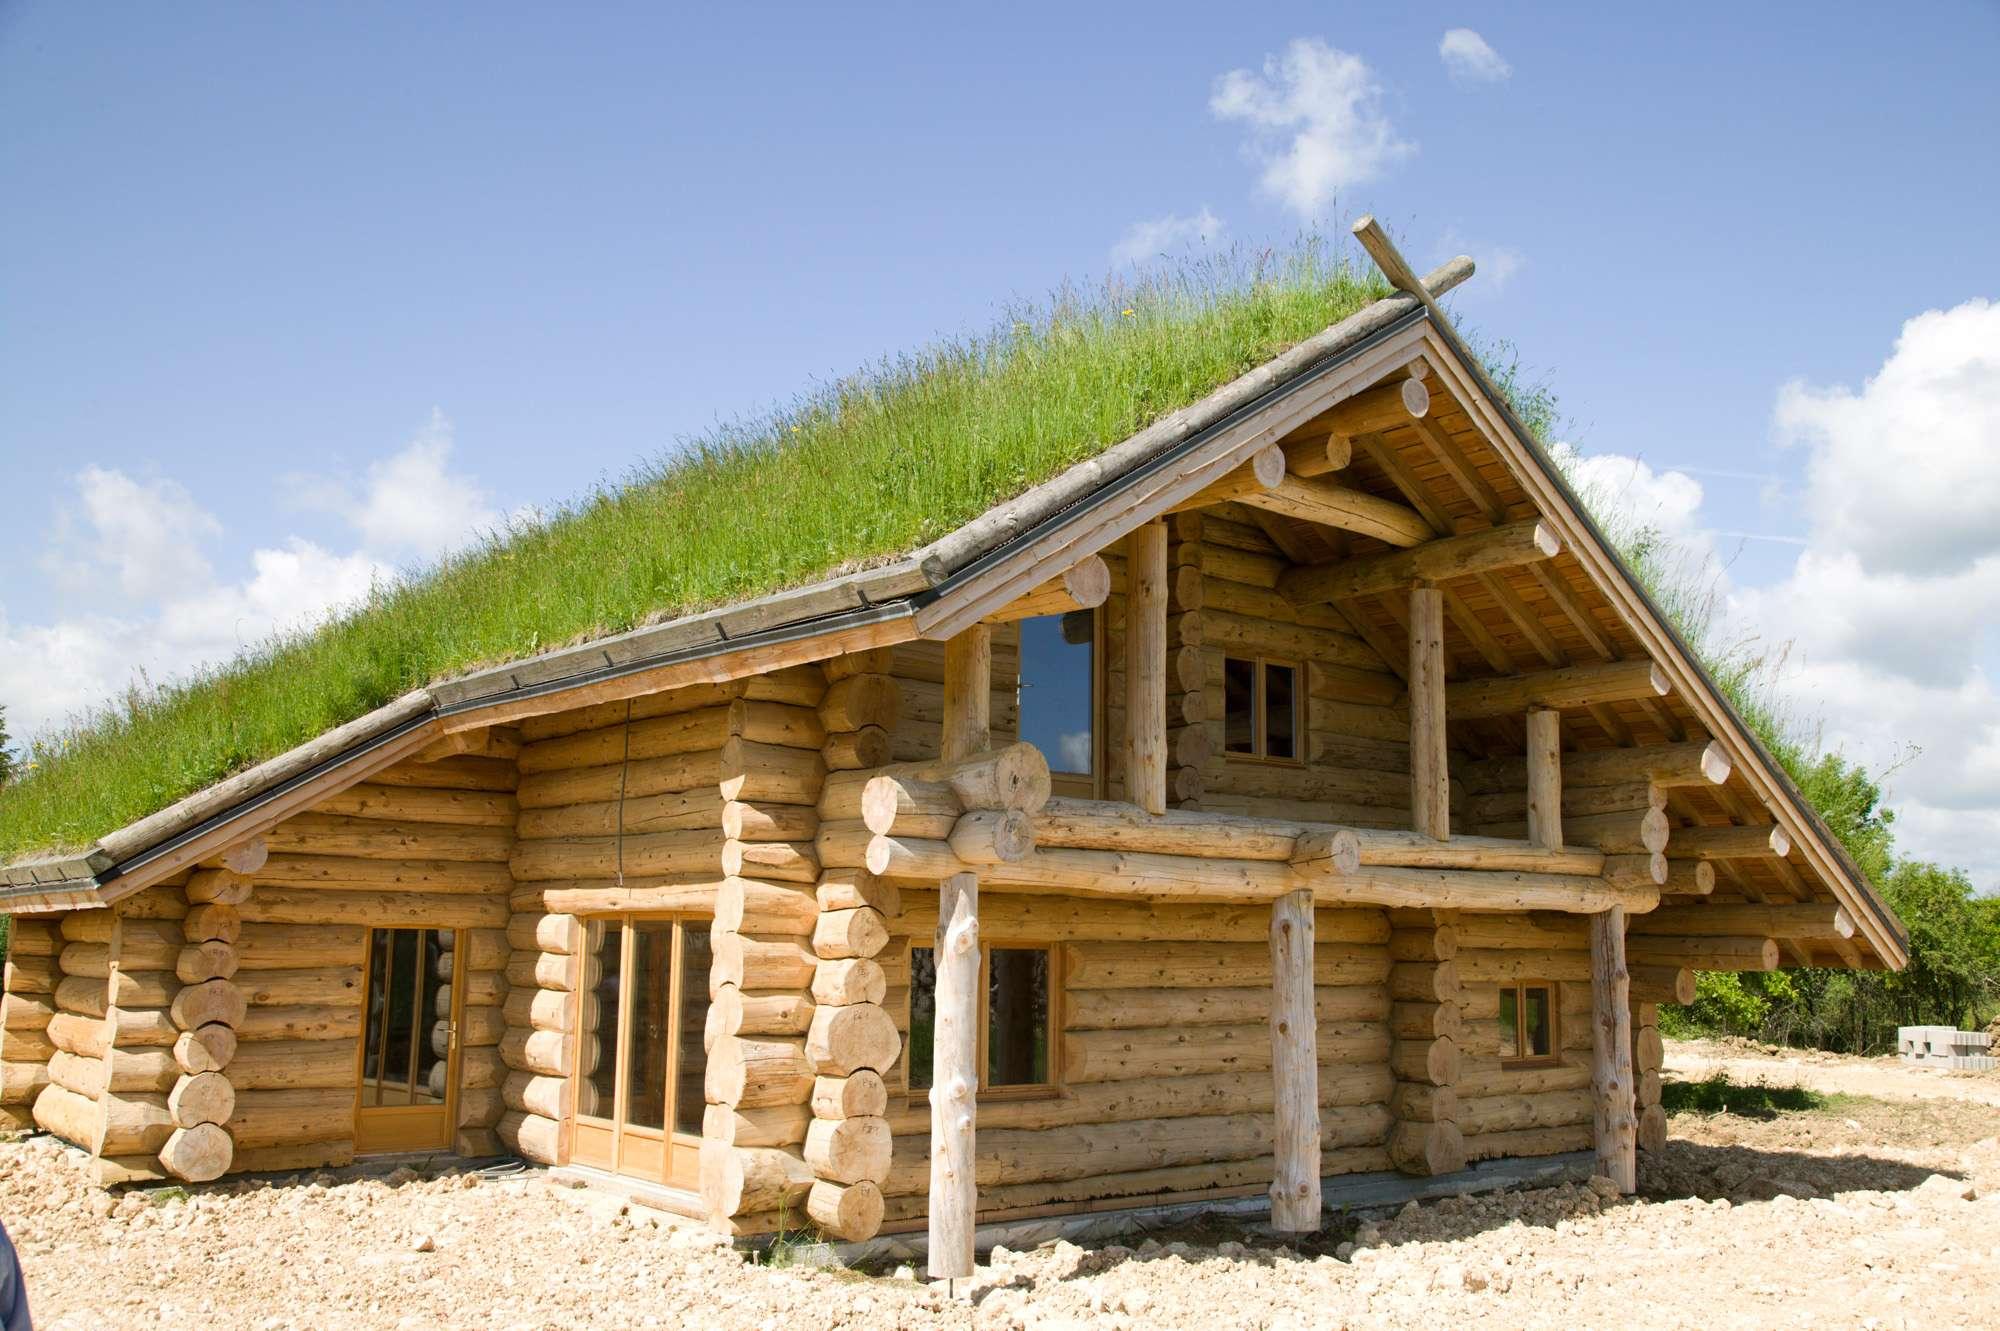 construire une maison en bois les avantages plan de maison